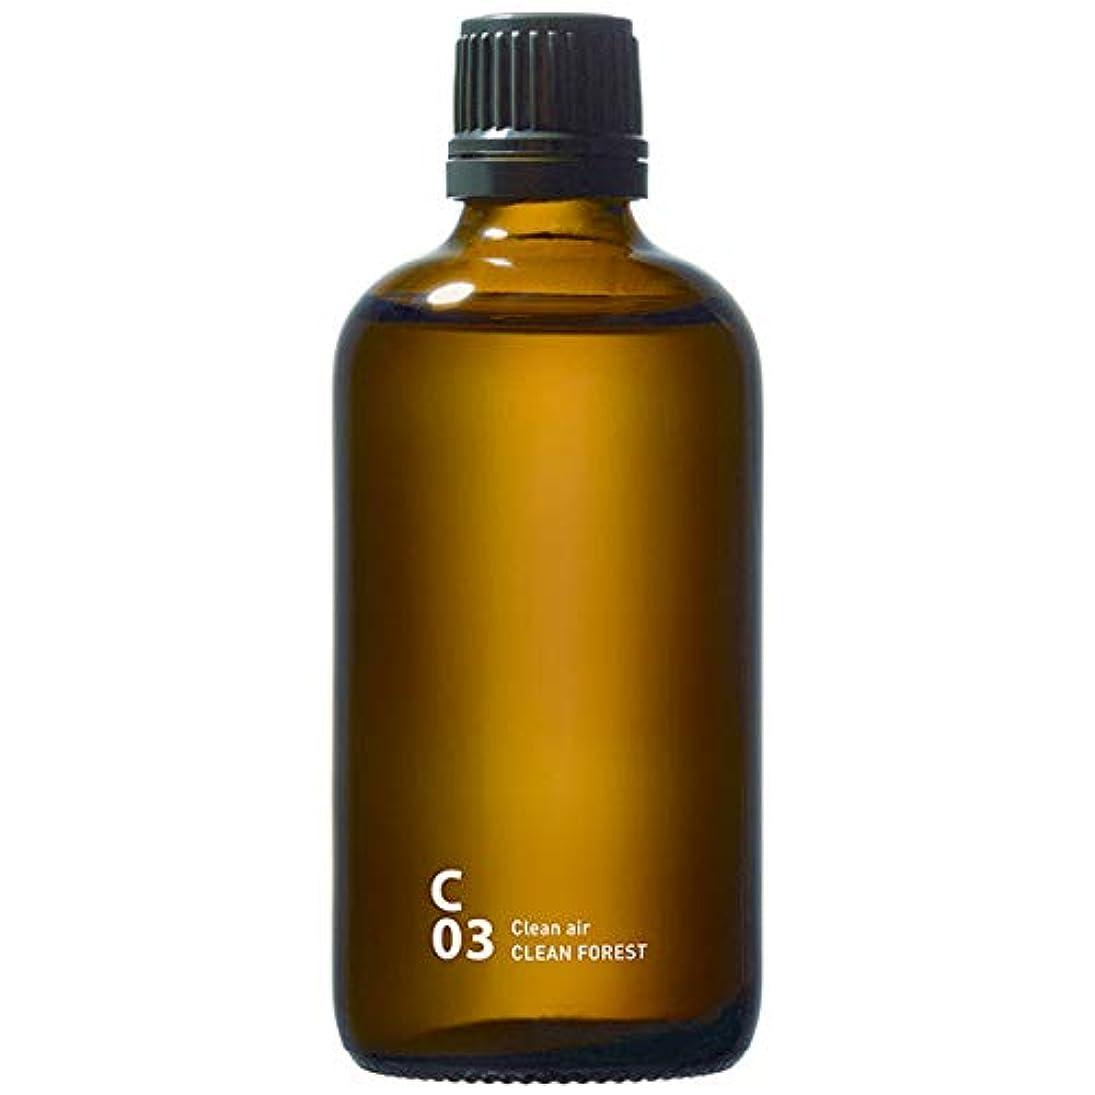 主に学んだ列挙するC03 CLEAN FOREST piezo aroma oil 100ml